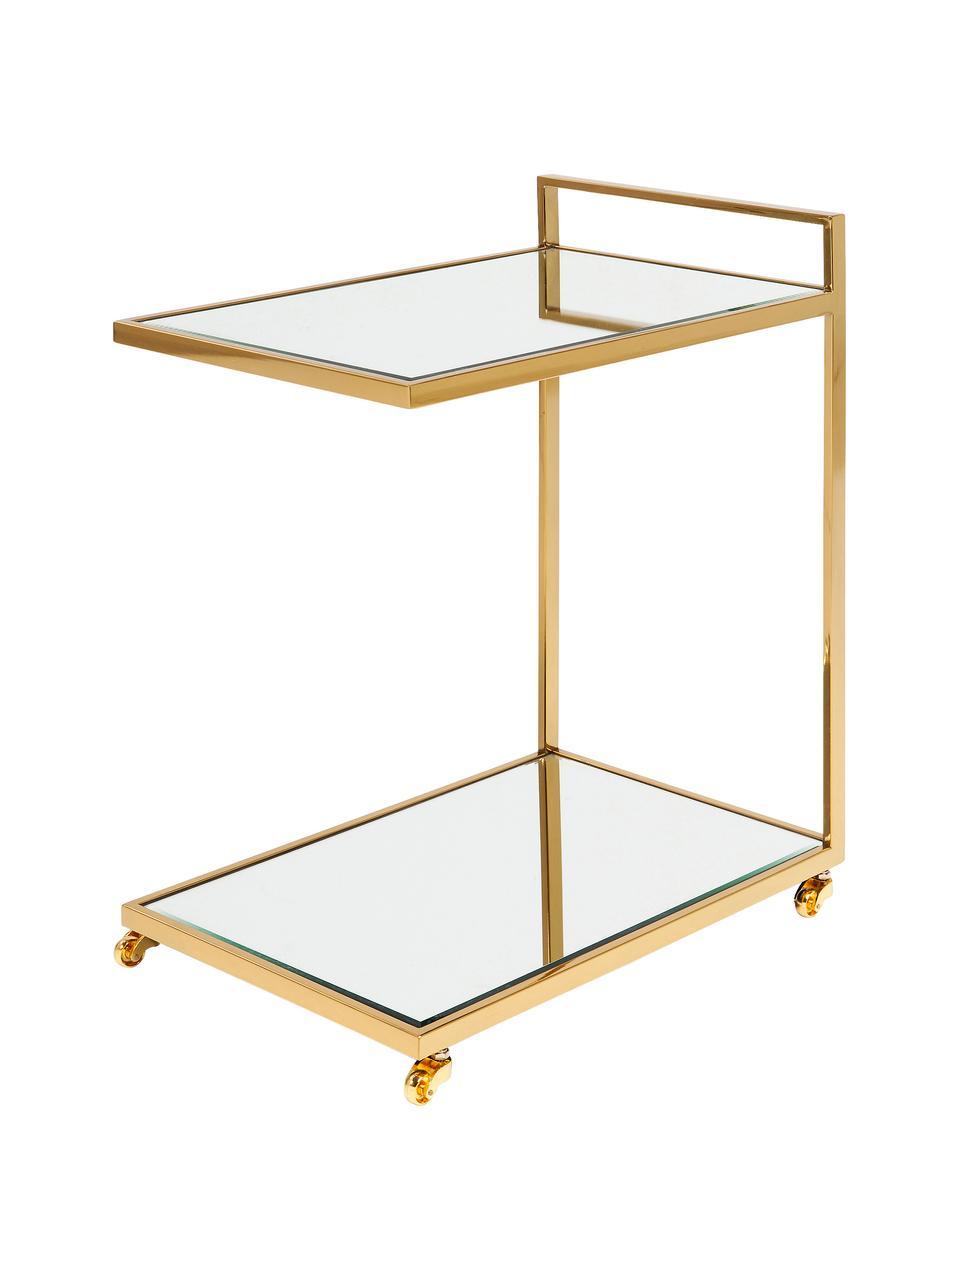 Servierwagen Classy Gold mit Spiegelglas, Gestell: Edelstahl, vermessingt, Räder: Kunststoff, Gestell: Goldfarben Ablageflächen: Glas Räder: Weiß, 50 x 64 cm